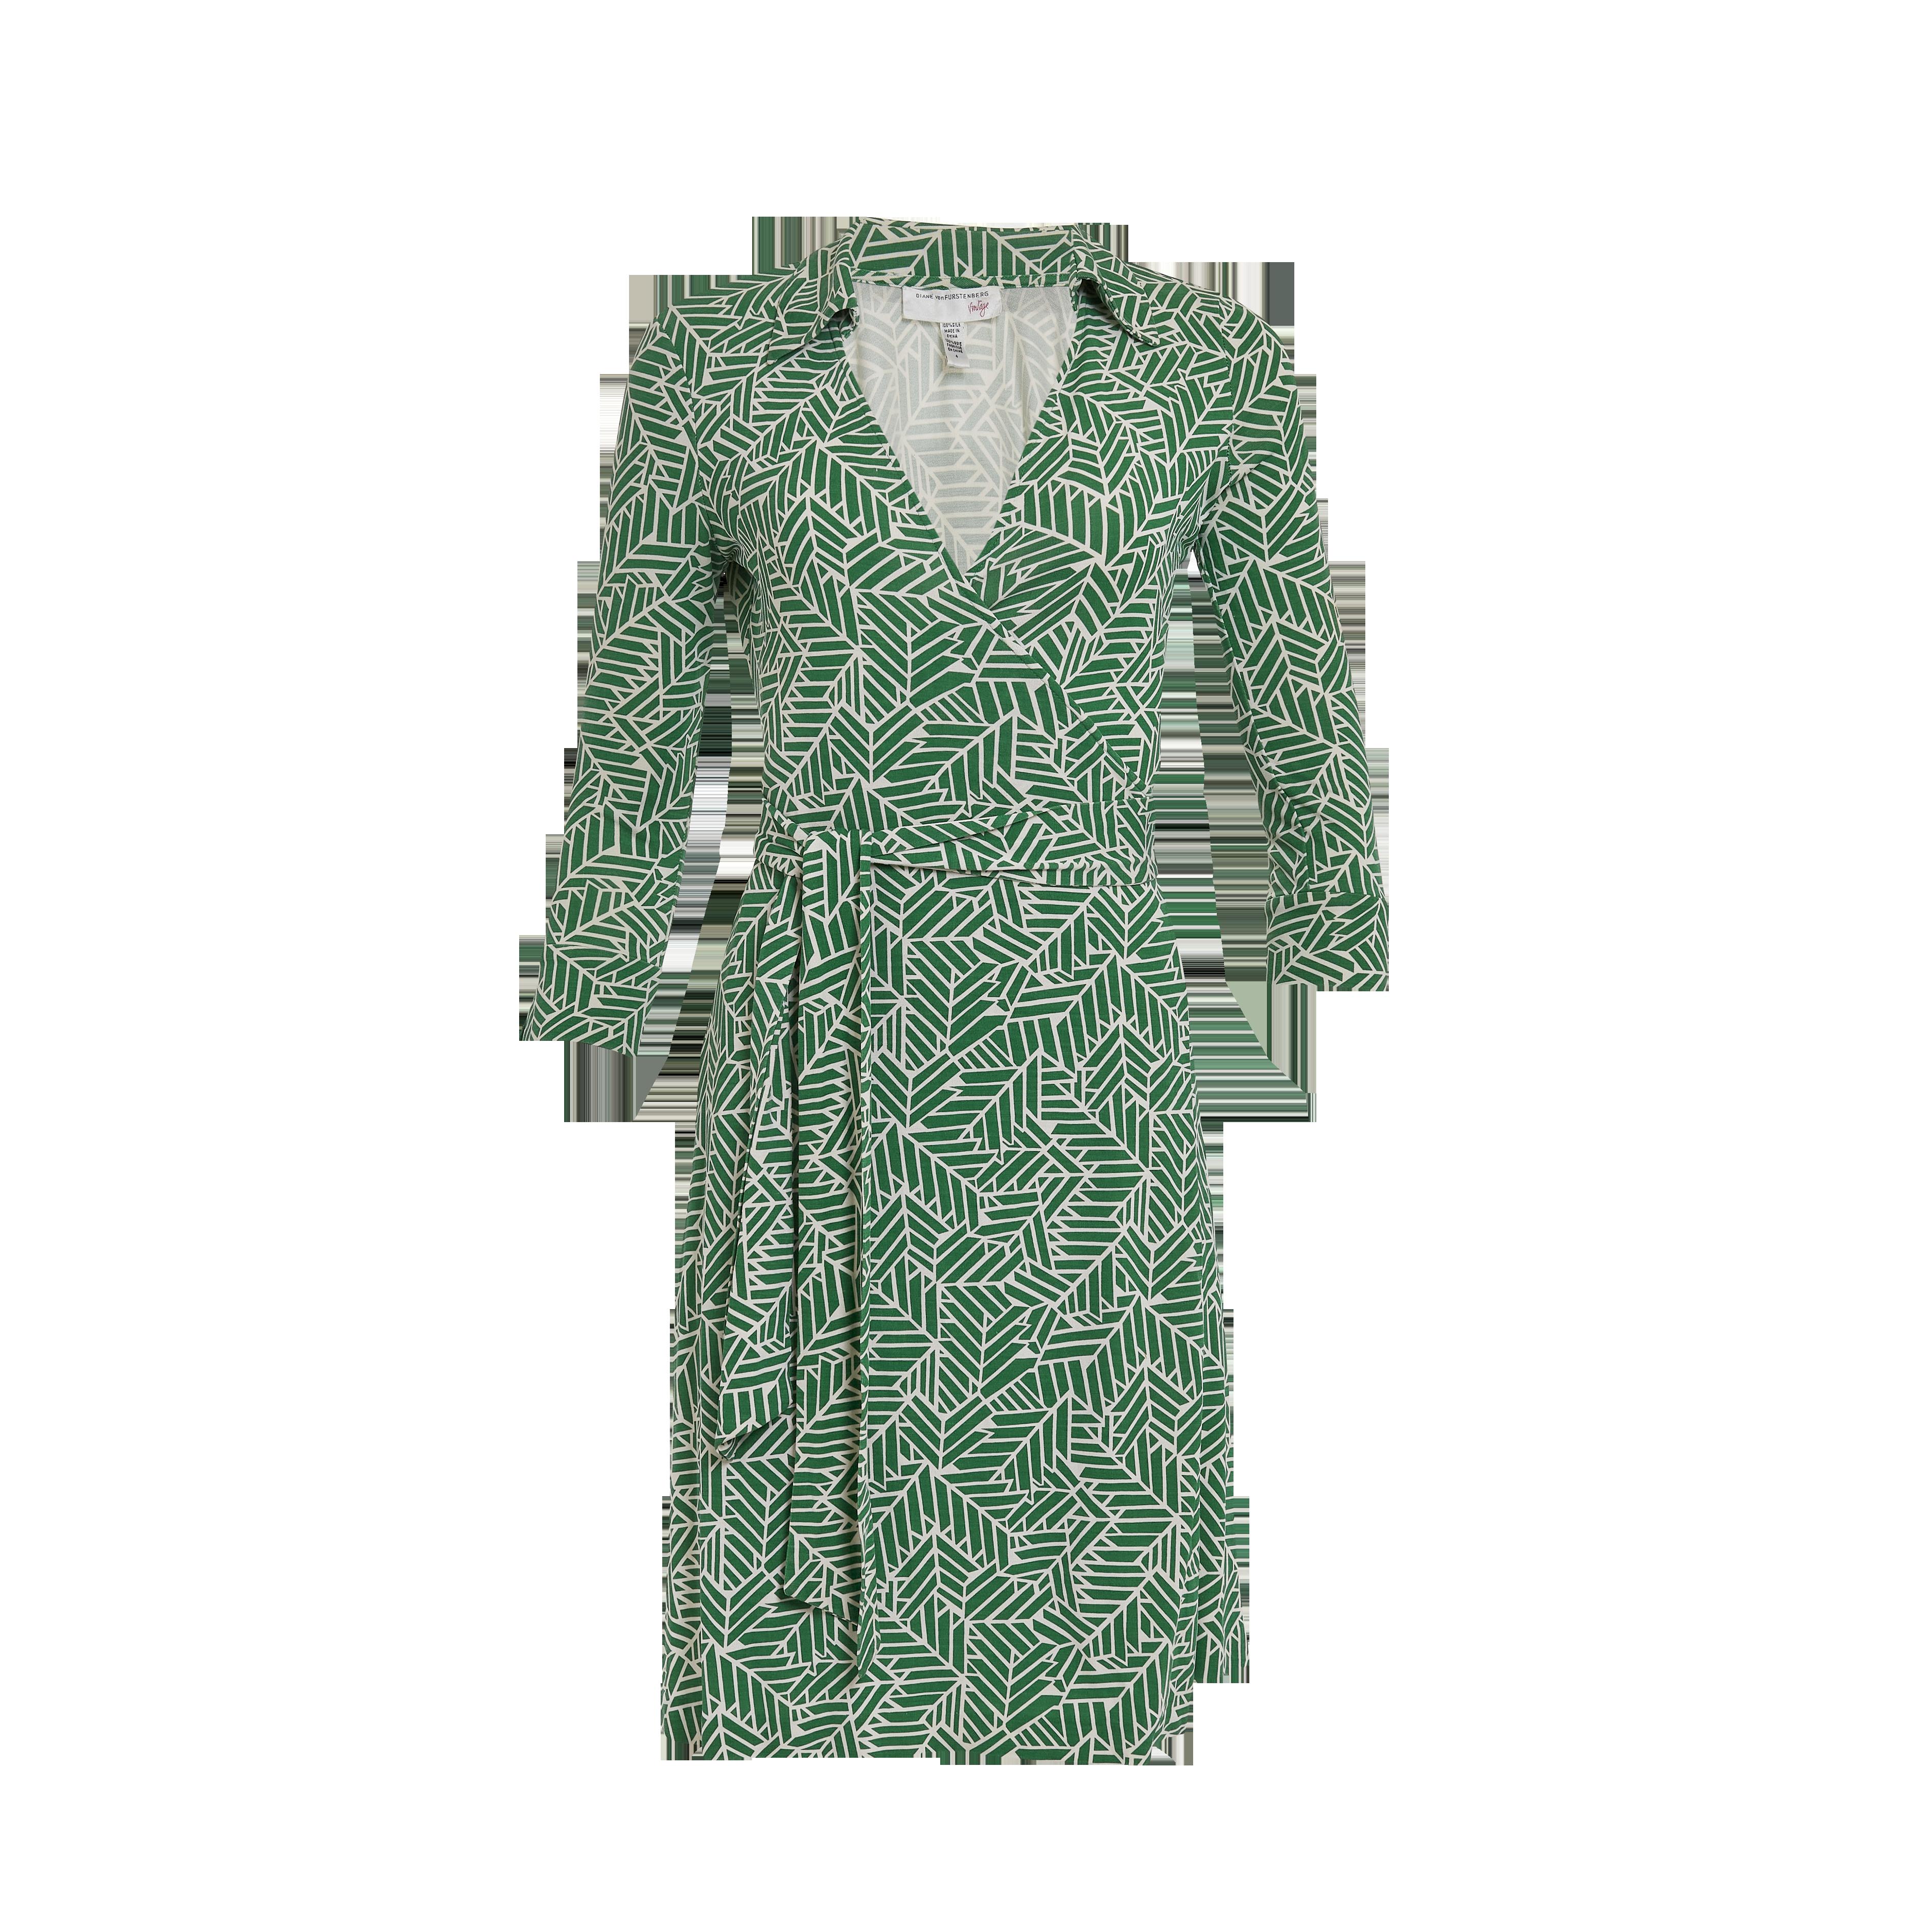 Rent Diane Von Furstenberg Vintage Green Printed Wrap Dress For 20 00 Wrap Dress Diane Von Furstenberg Wrap Dress Diane Von Furstenberg Style [ 3781 x 3781 Pixel ]